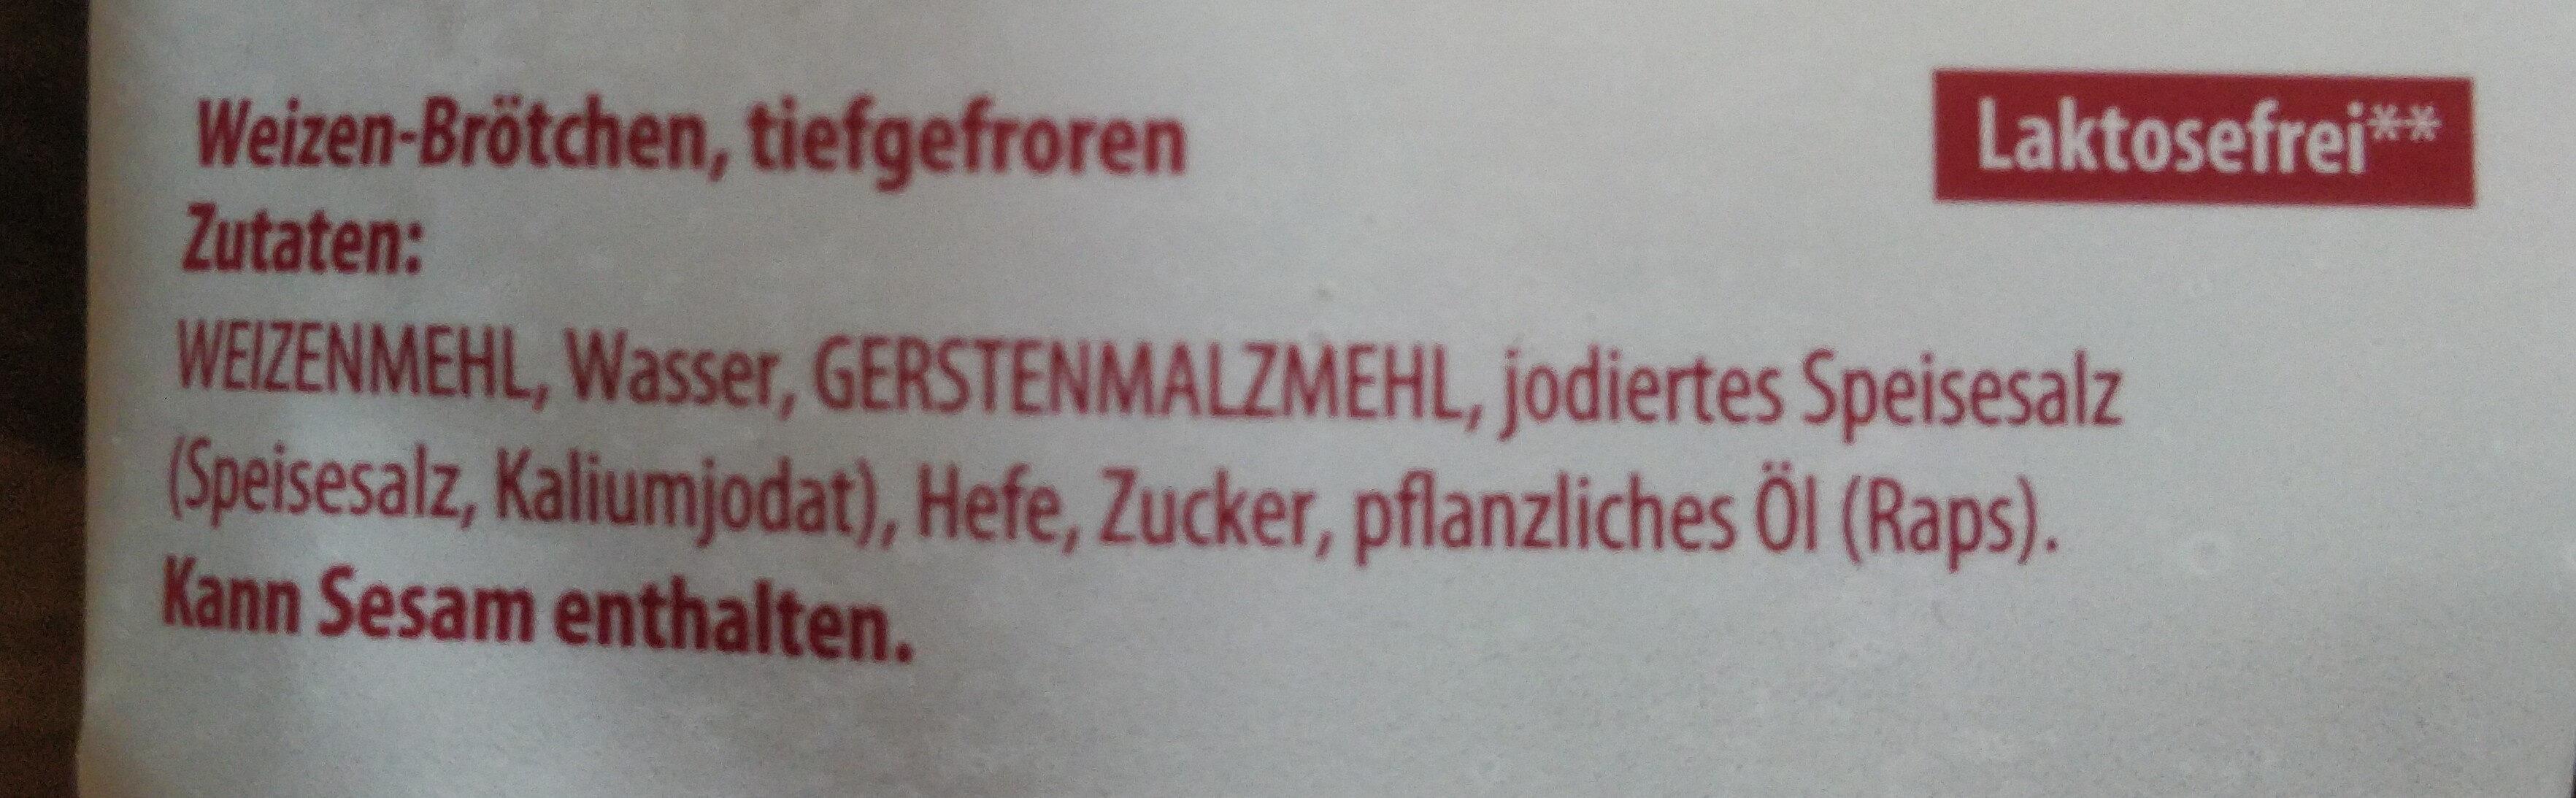 Kaisersemmeln - Ingrédients - de